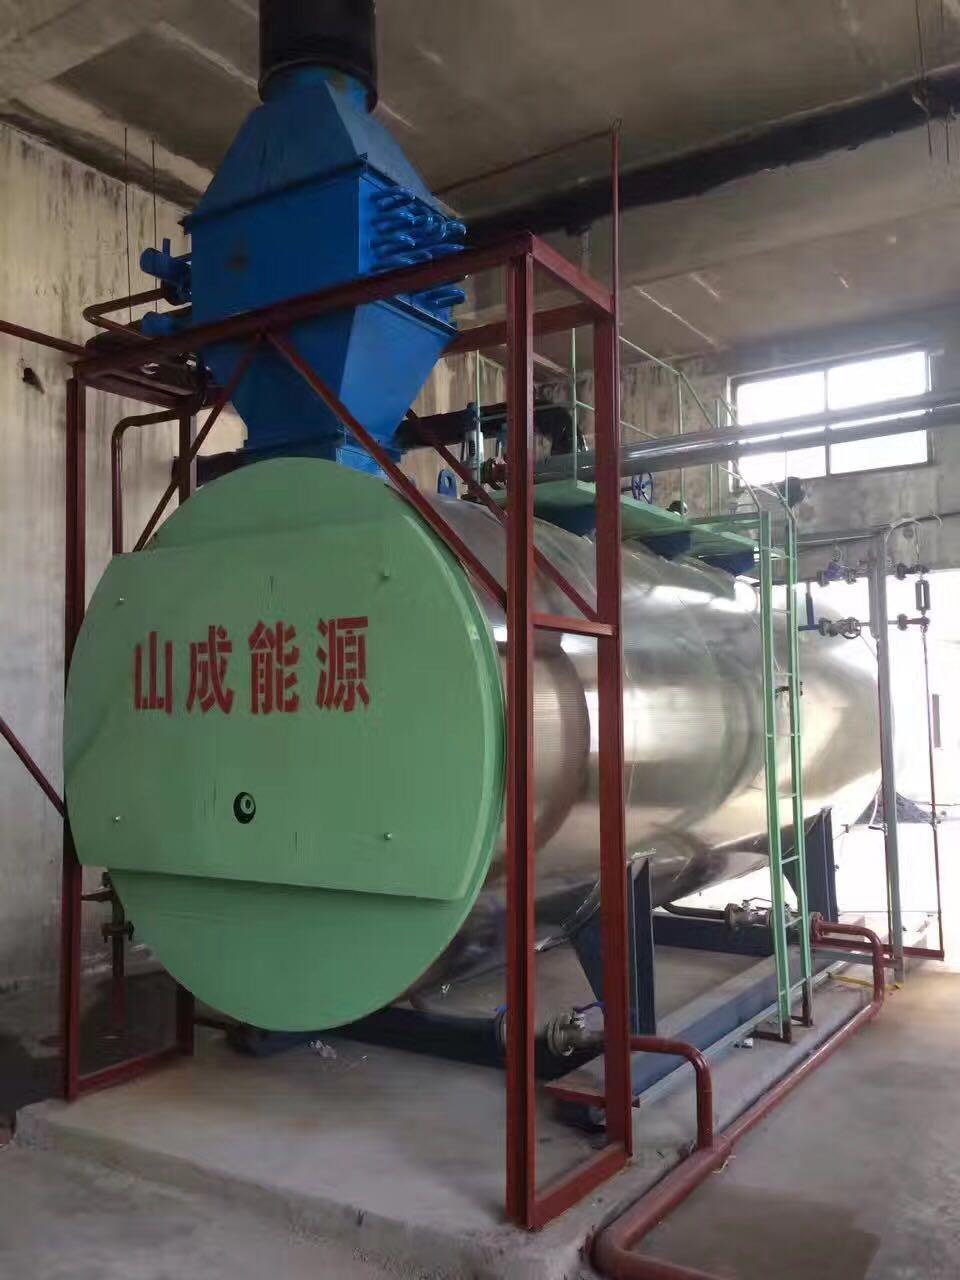 乌鲁木齐燃气锅炉多少钱-新疆燃气锅炉设计-新疆燃气锅炉讯息